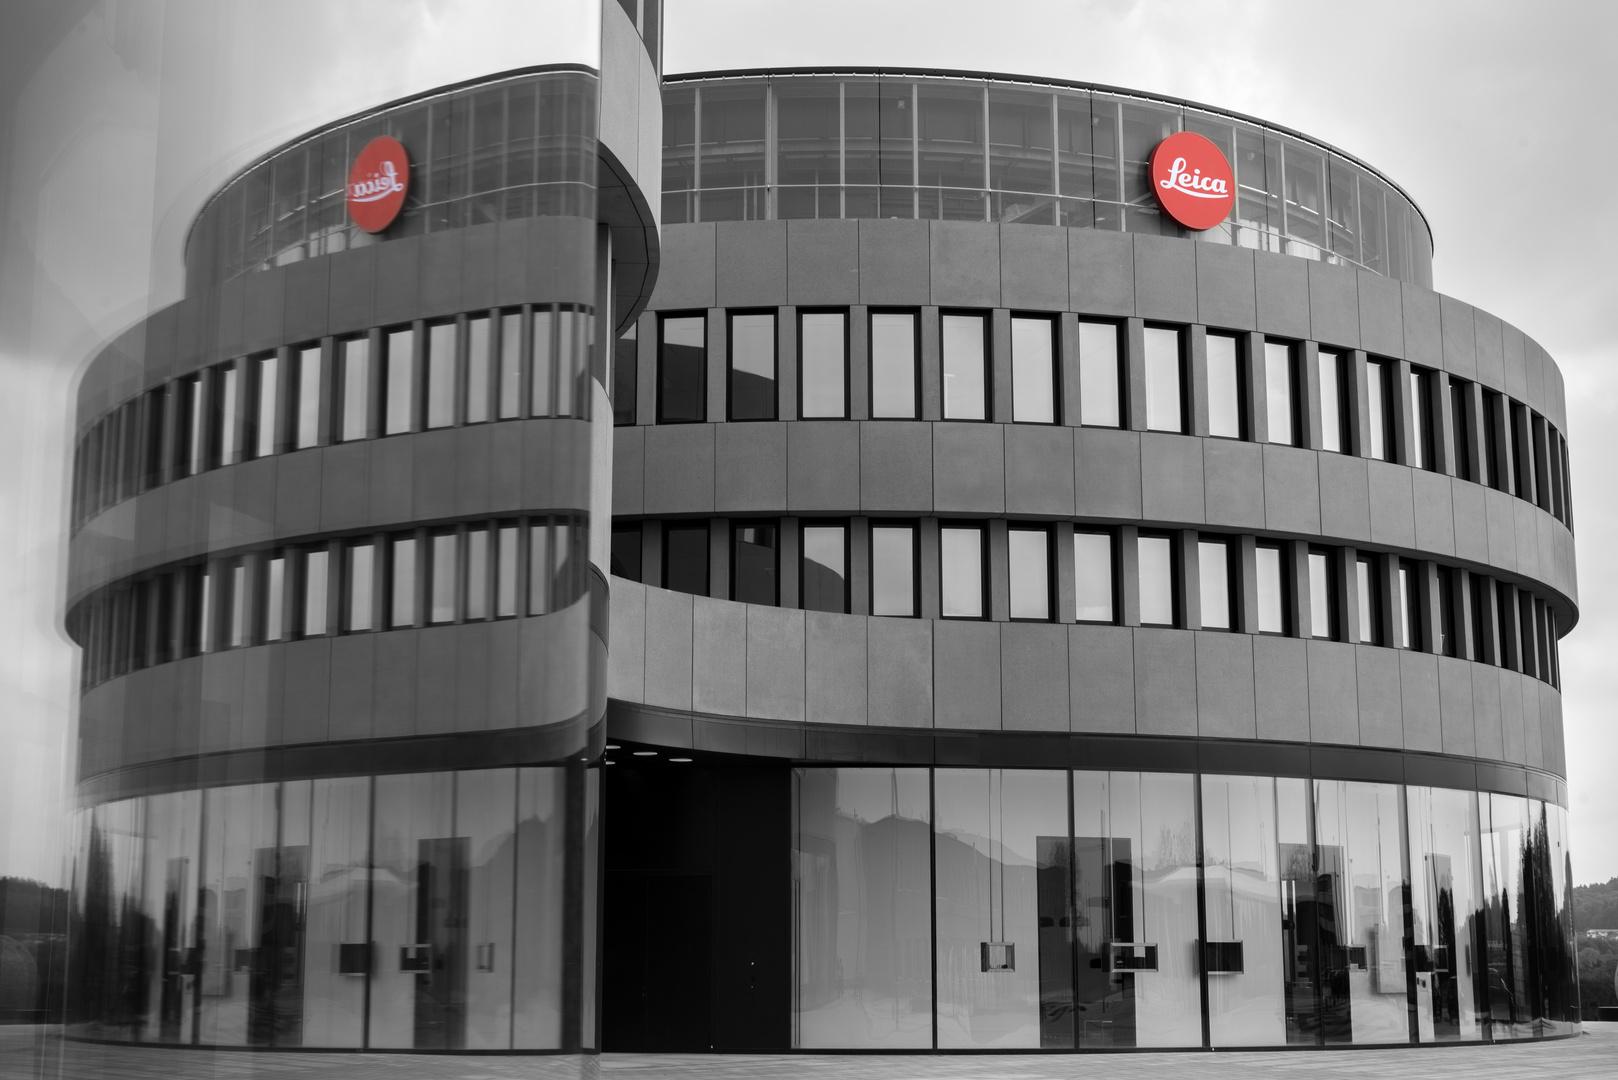 das neue Leica Gebäude in Wetzlar - ein Traum in Glas und Stahl